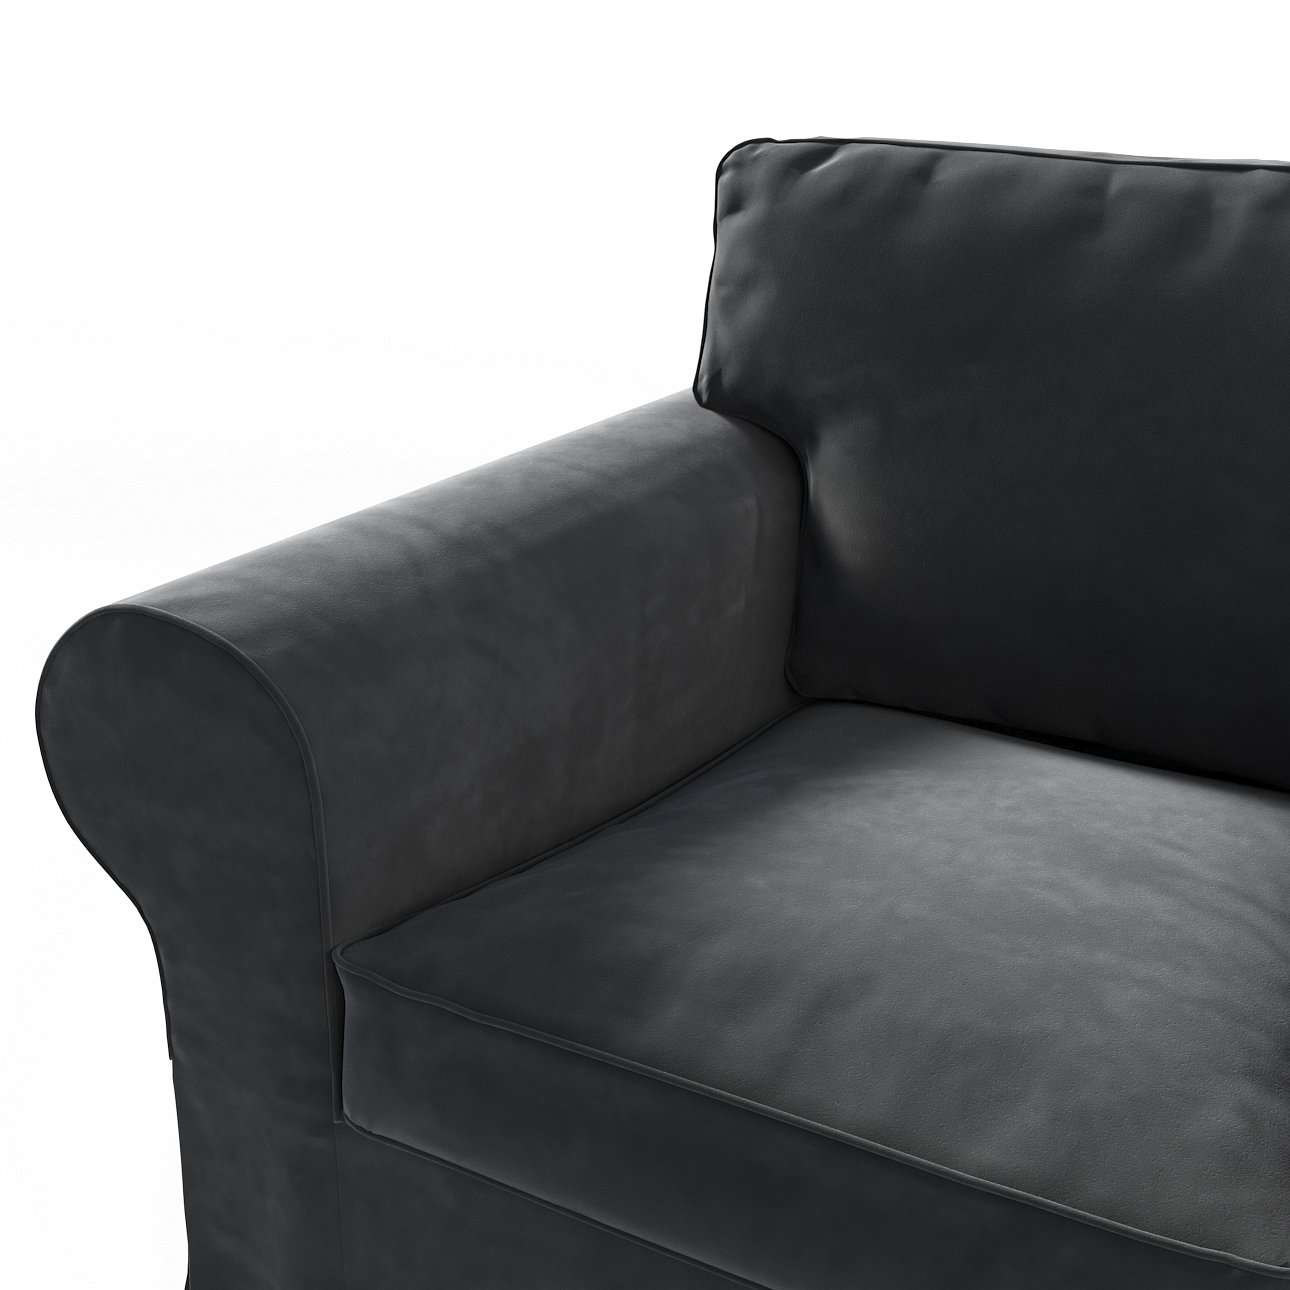 Pokrowiec na fotel Ektorp w kolekcji Velvet, tkanina: 704-17